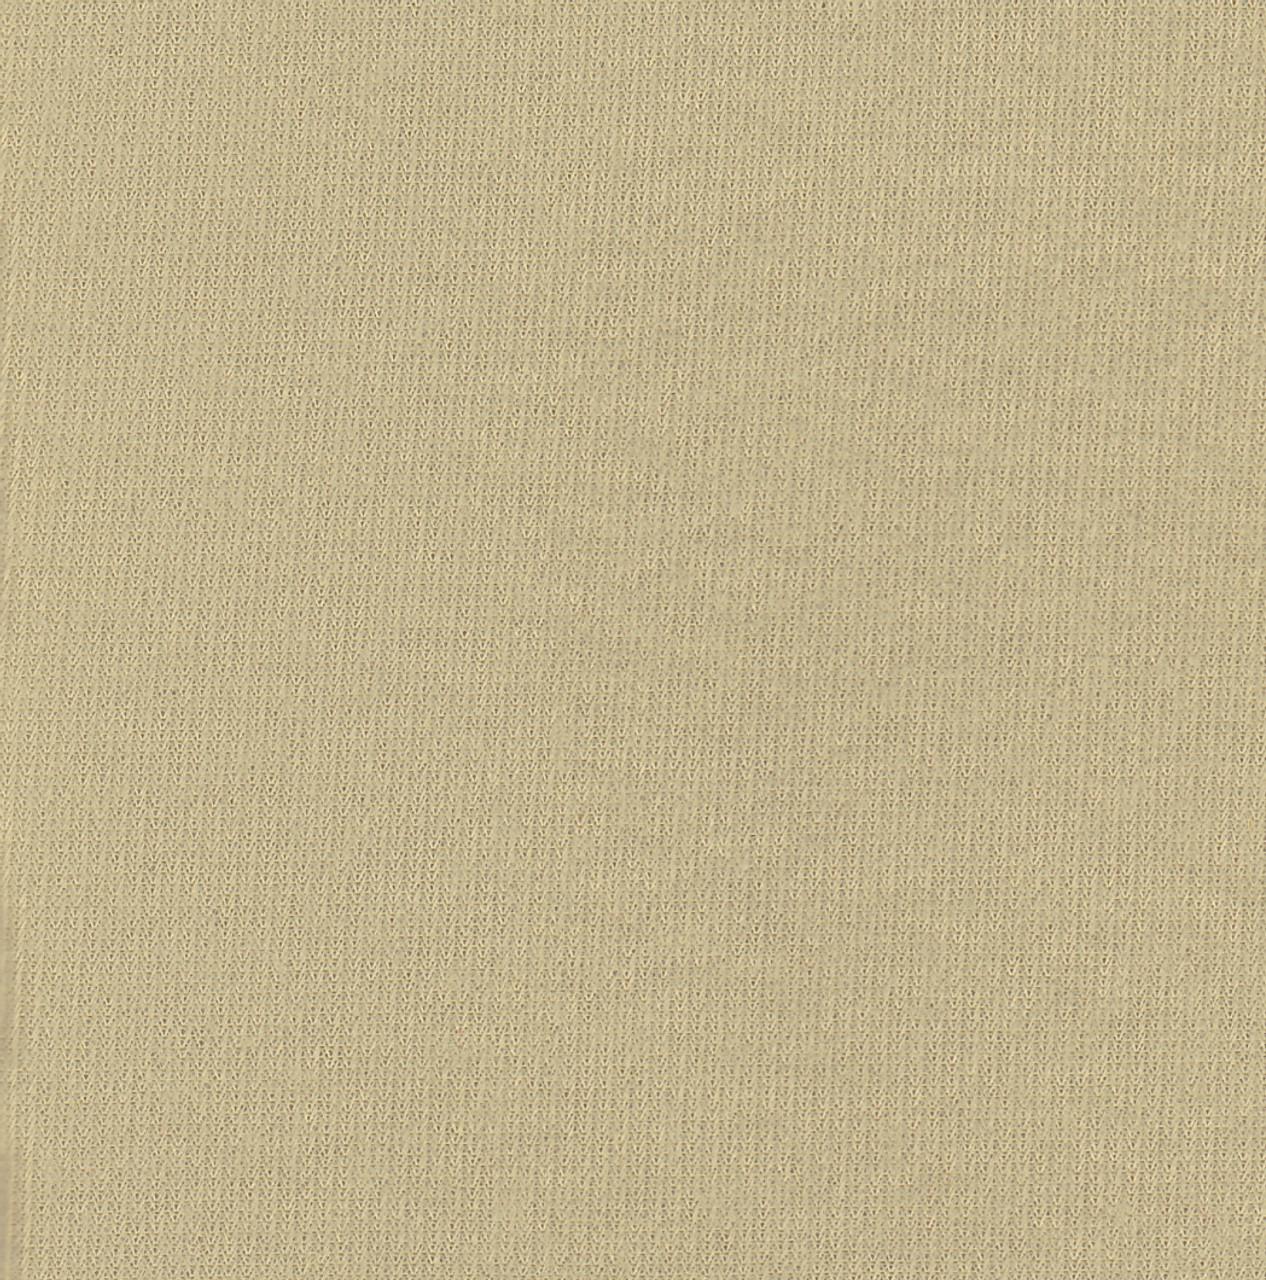 SunBrite SB-1926 Bisque